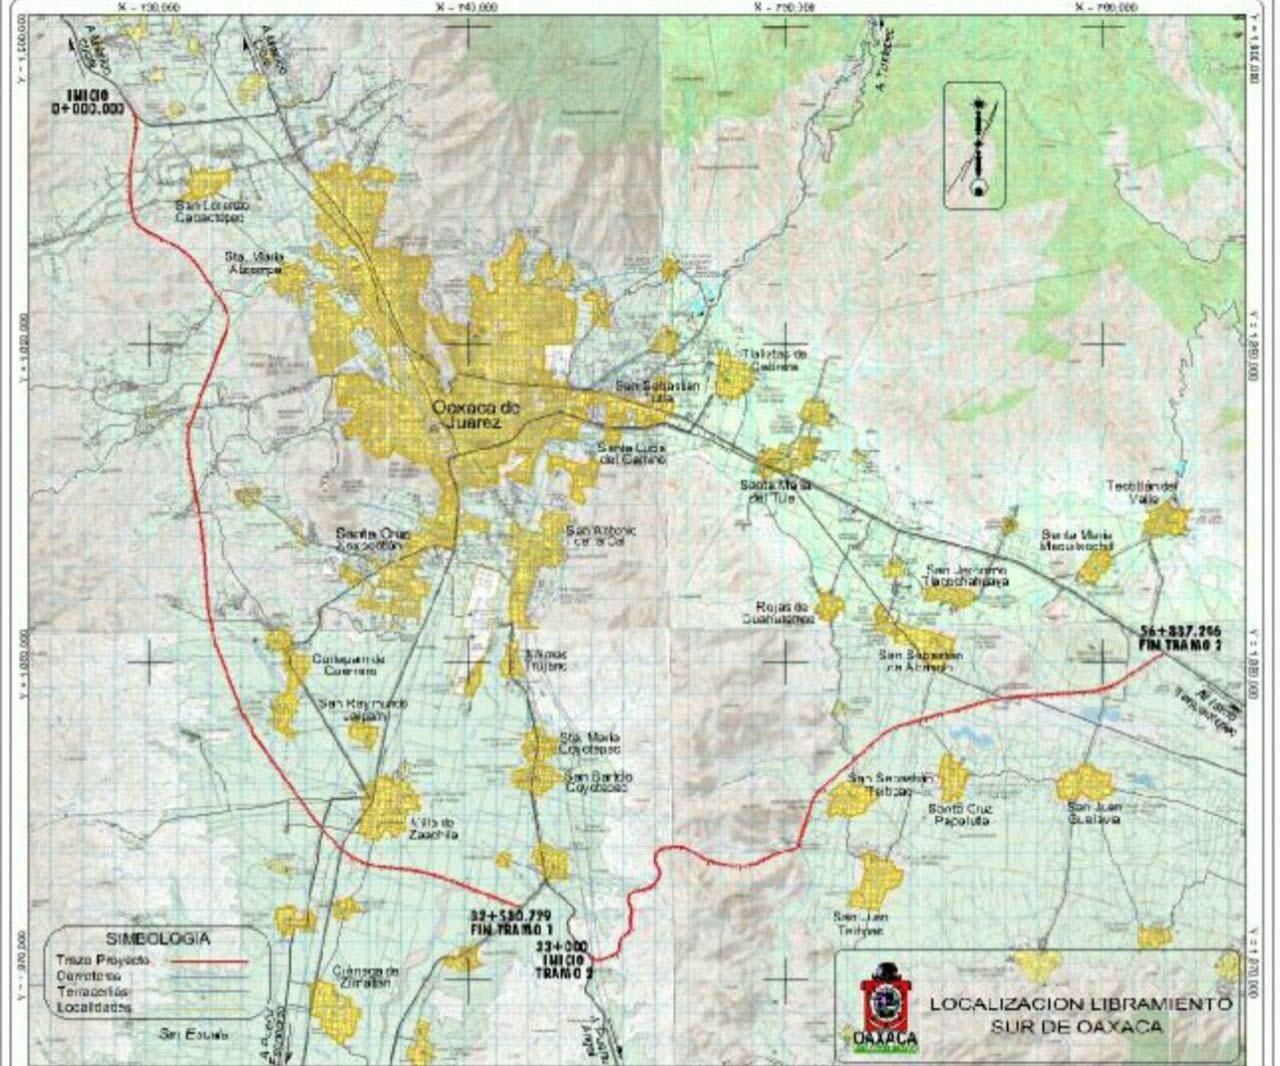 """Libramiento Sur de Oaxaca, campesinos de Zaachila afirman """"quieren quitarnos las tierras"""""""